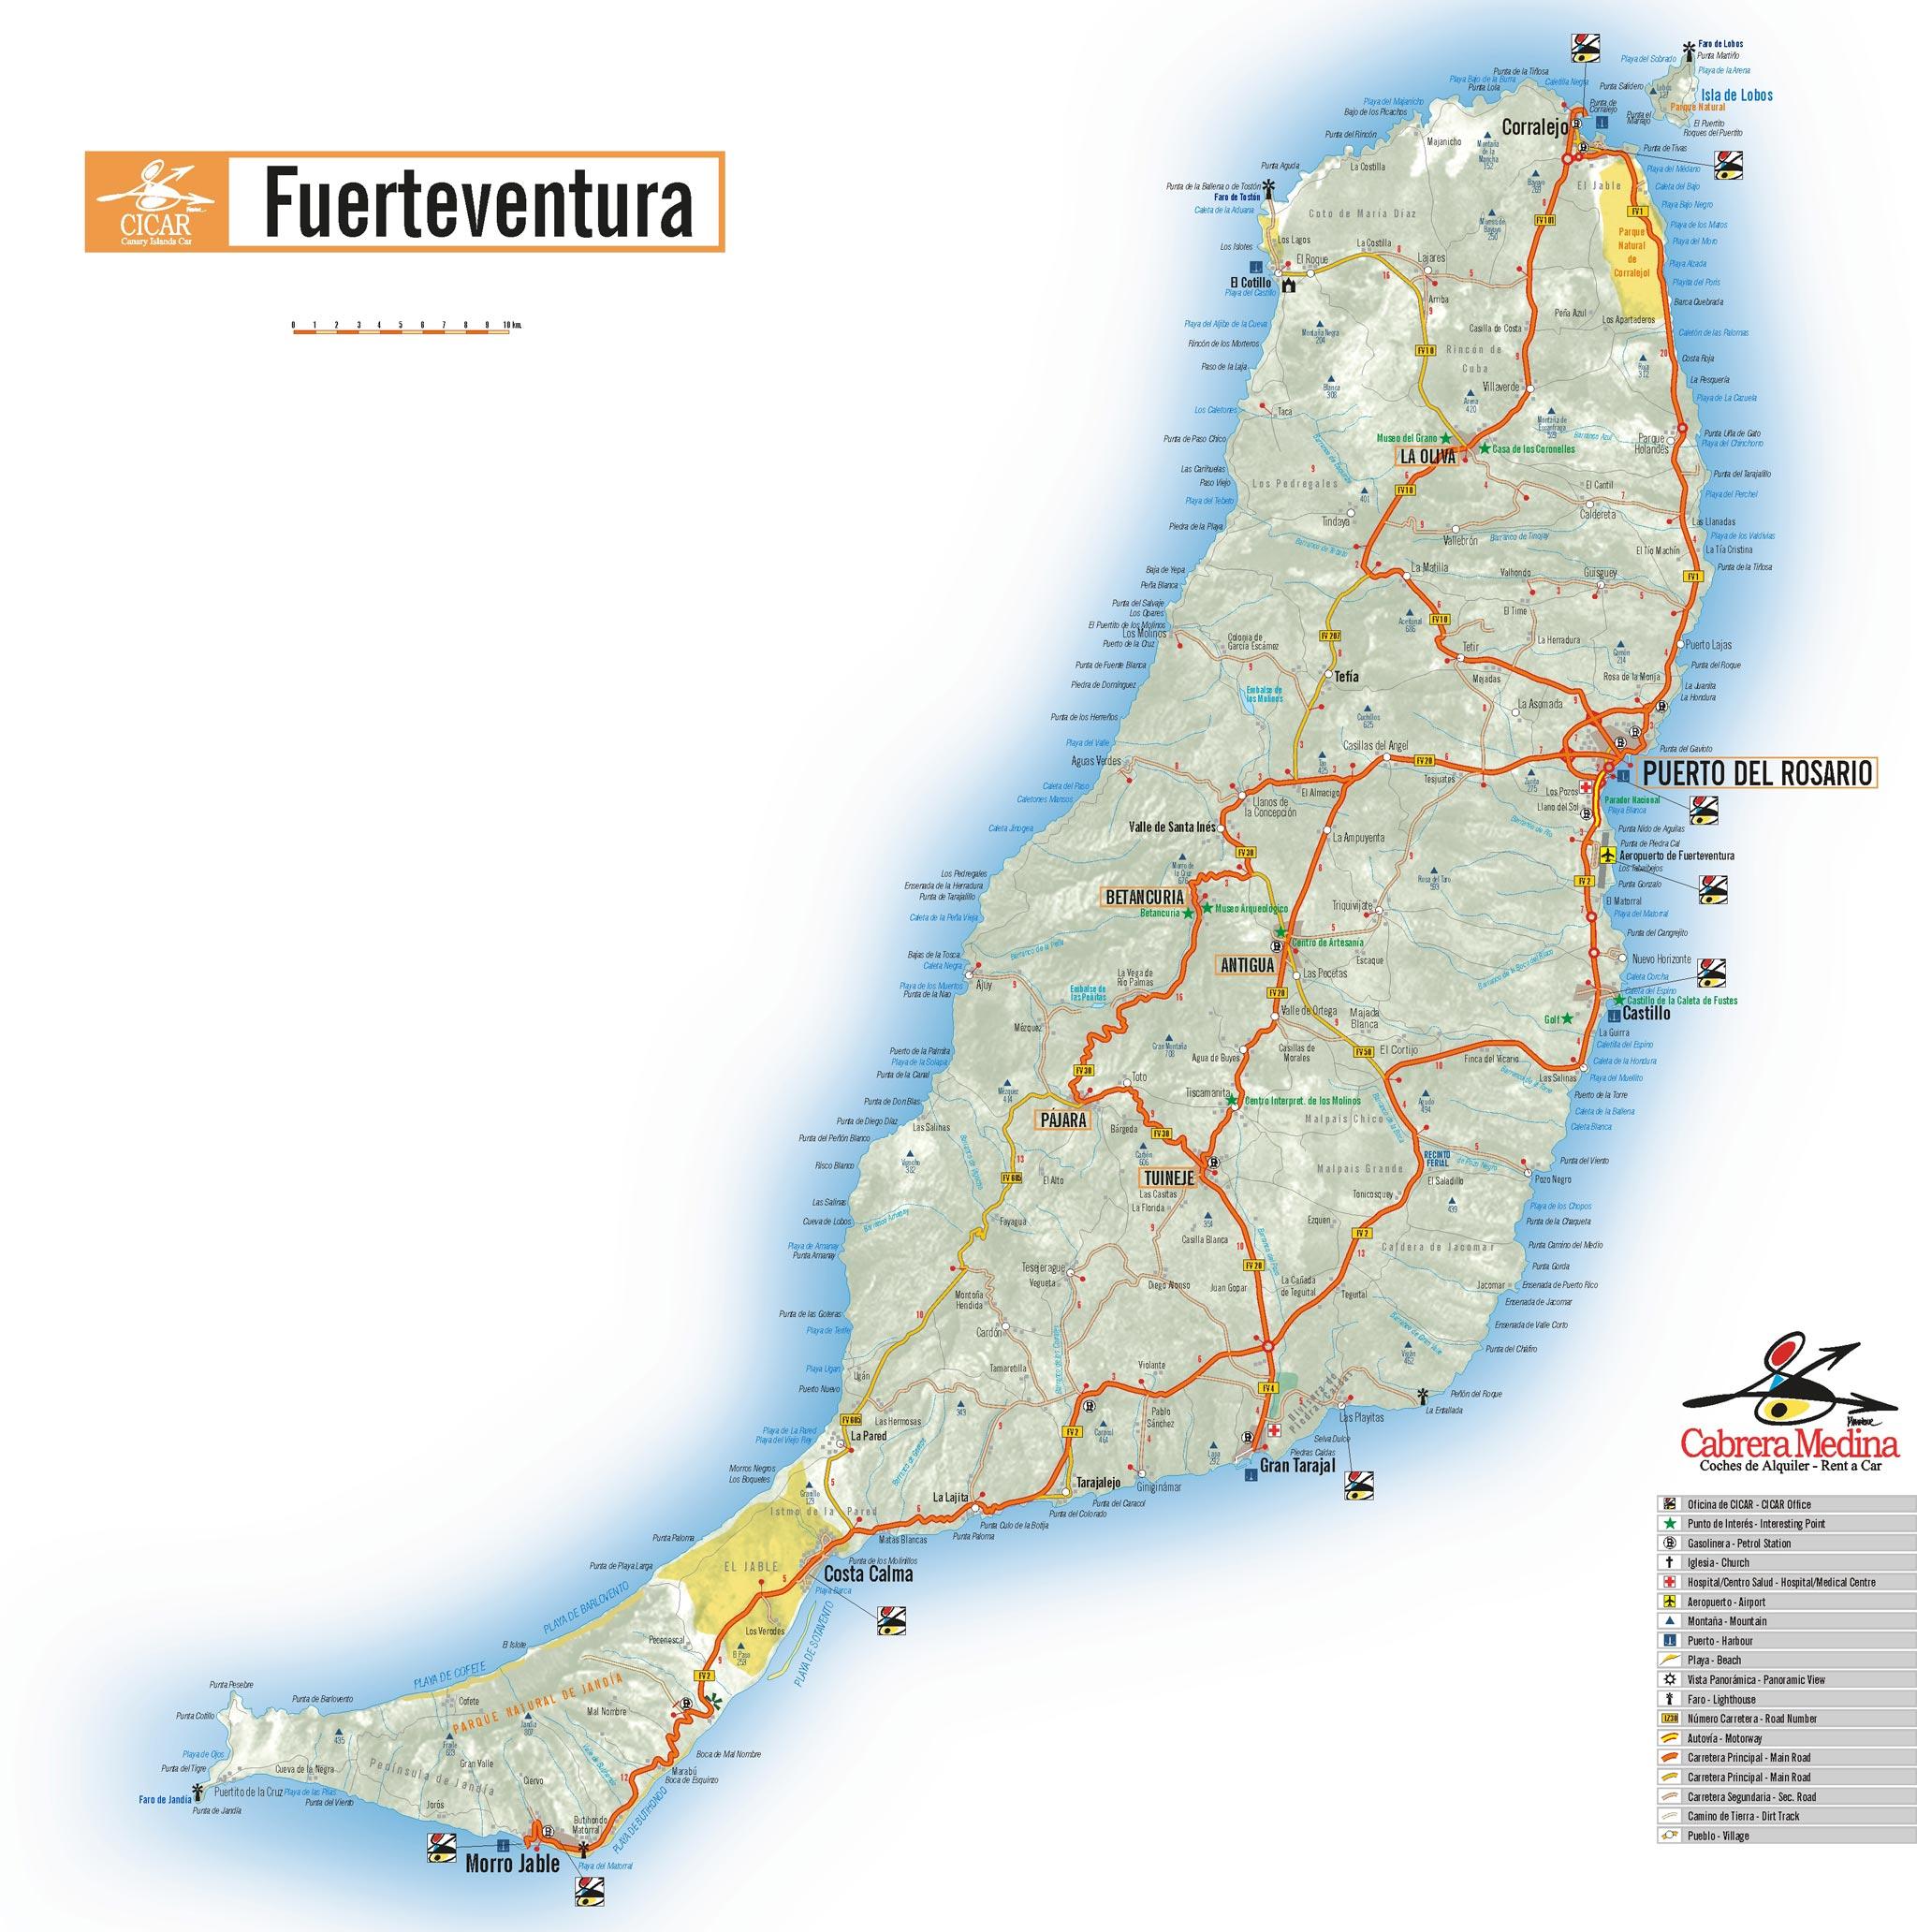 Cabrera Medina Car Hire Fuerteventura